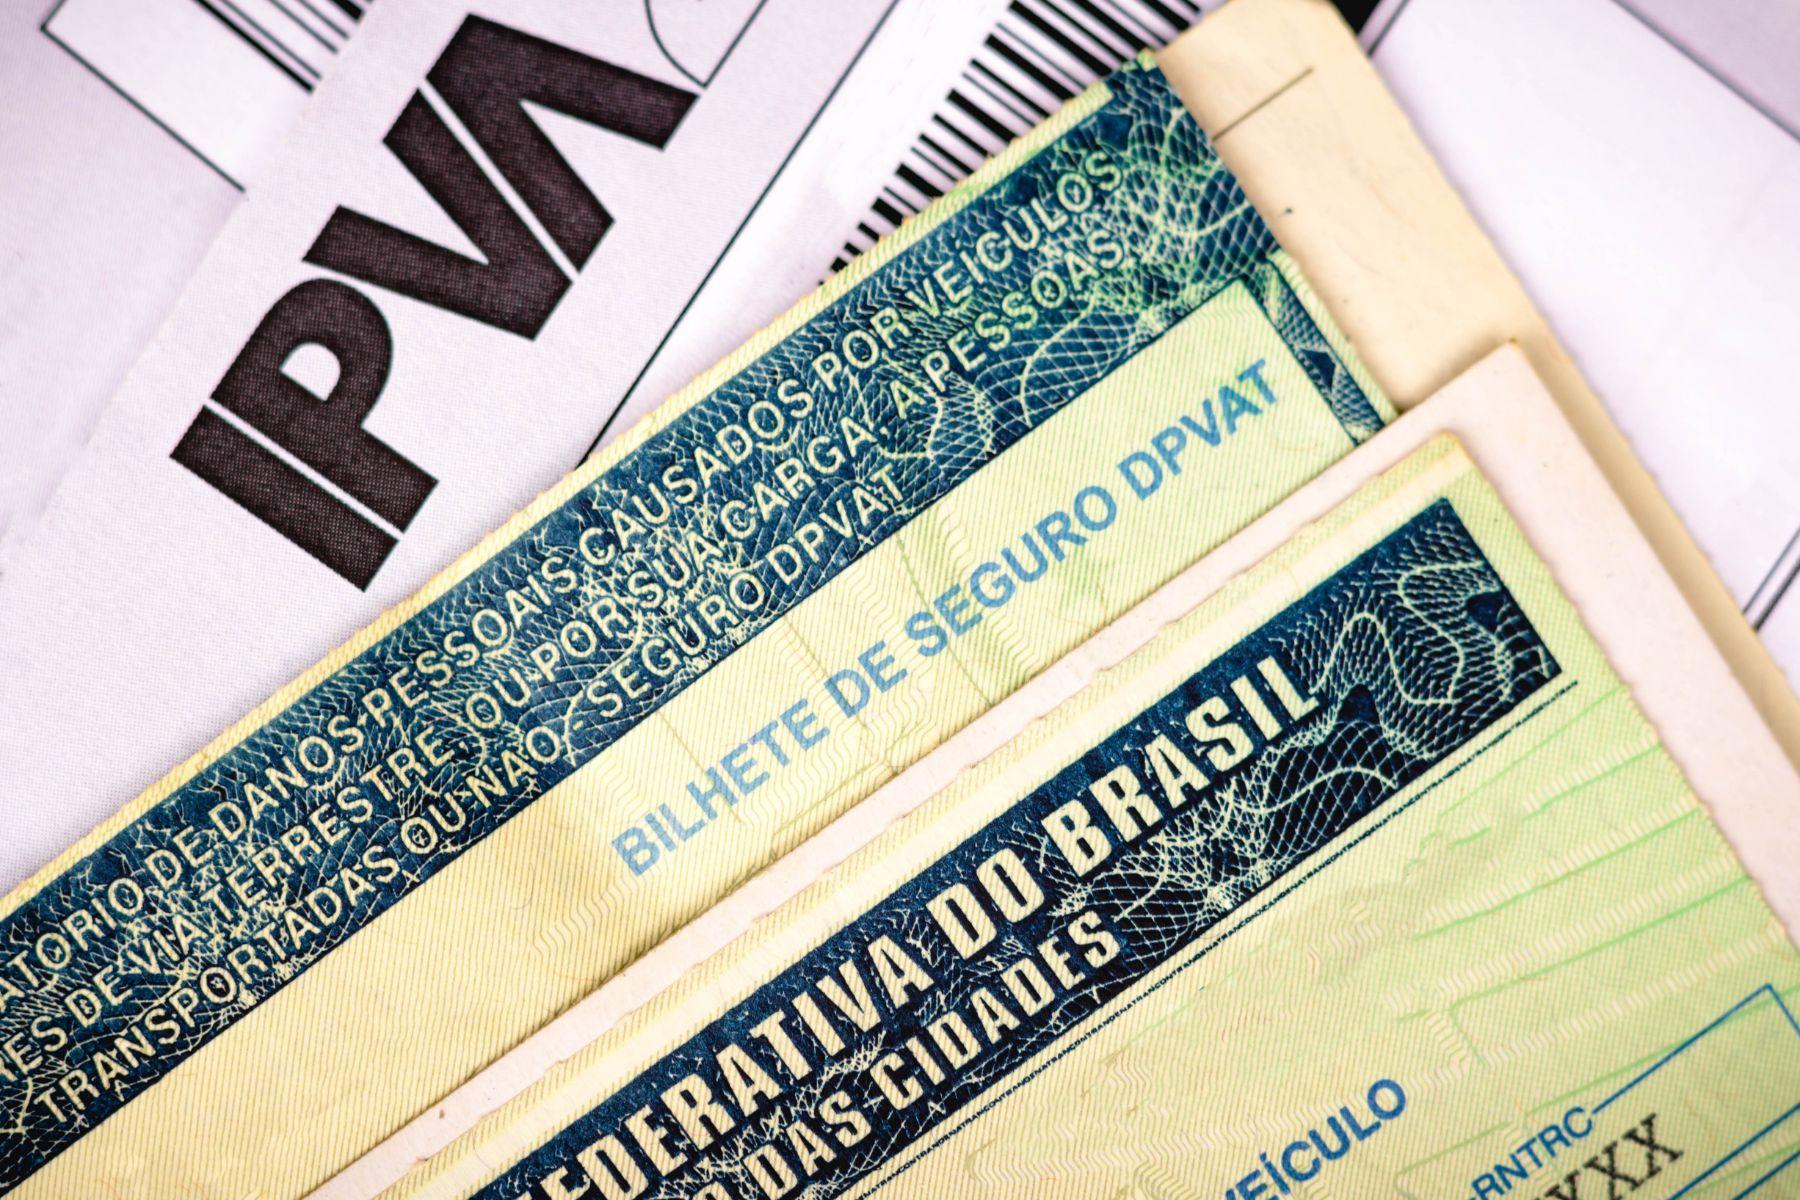 boleto ipva junto de crlv ou documento de carro e bilhete do seguro obrigatorio dpvat representando taxas de arrecadação do detran